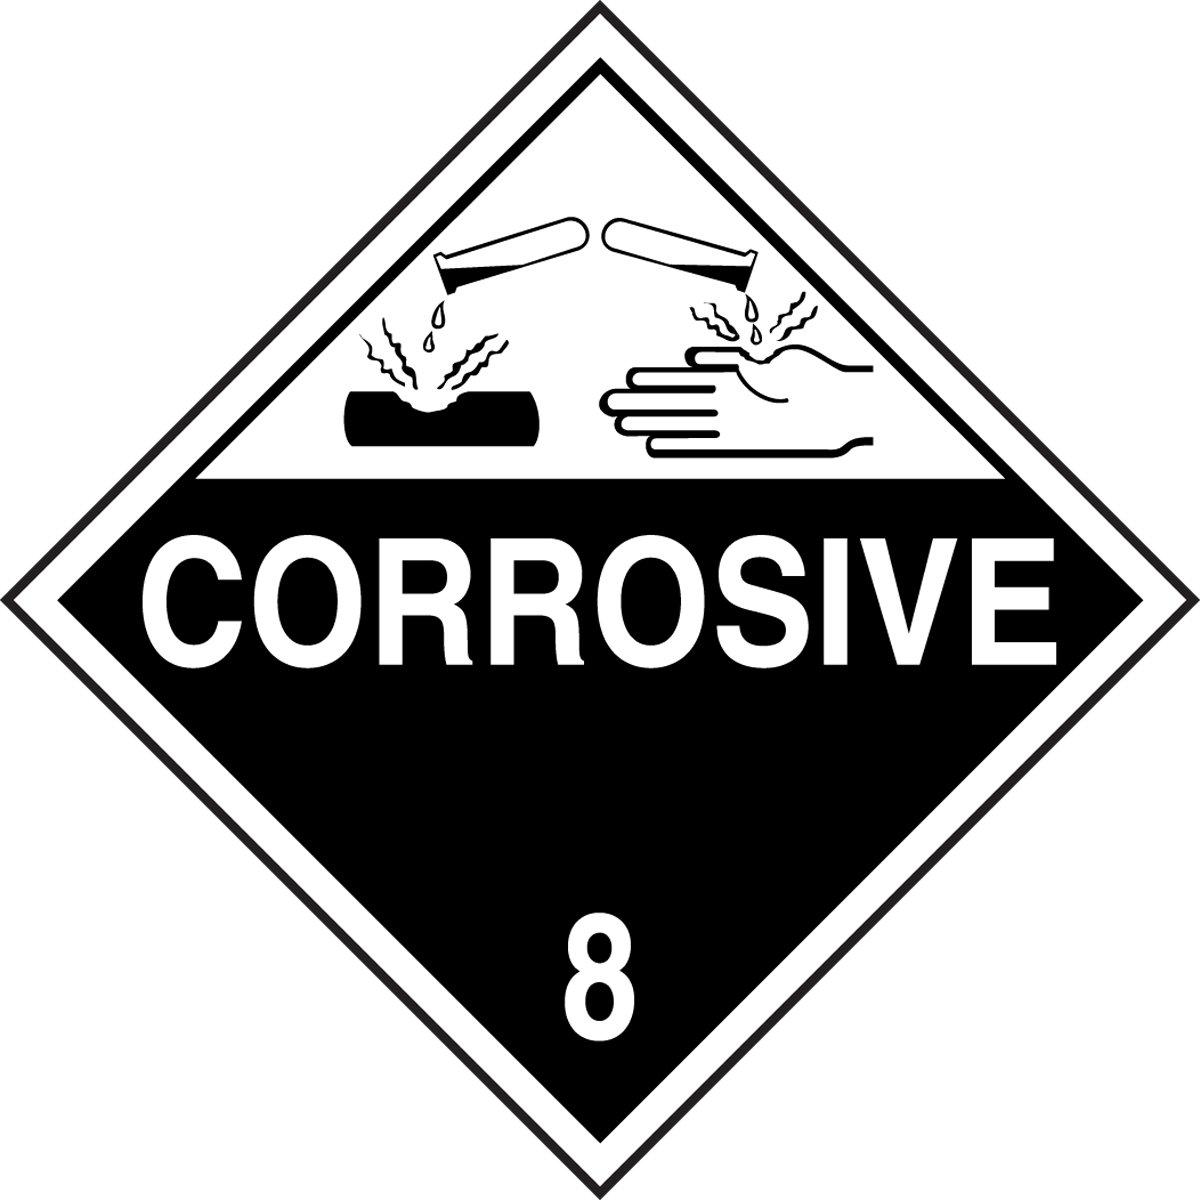 Corrosive.